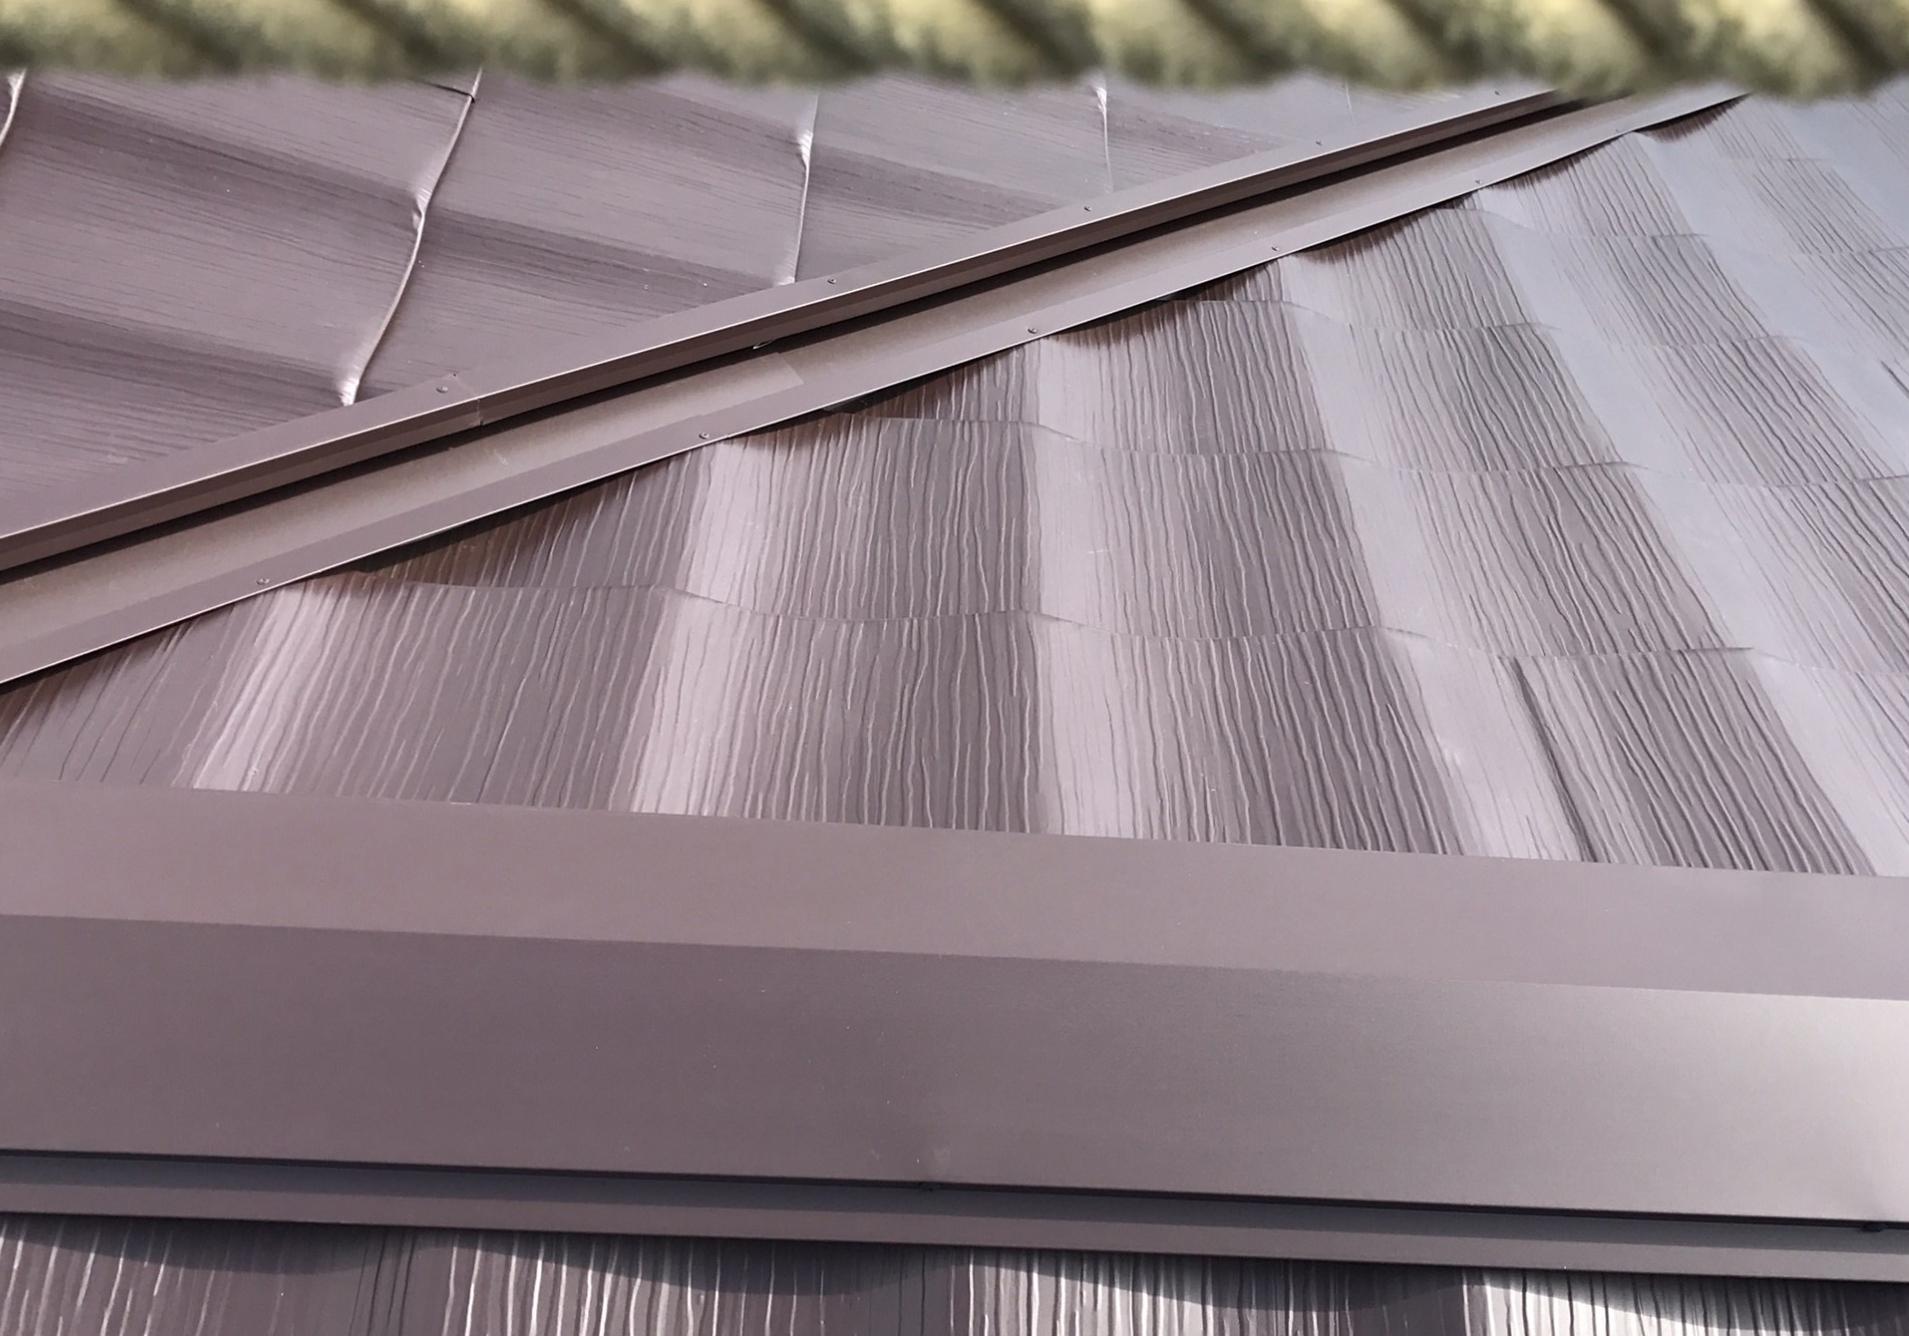 神戸市 和風金属屋根への葺き替え工事 完成